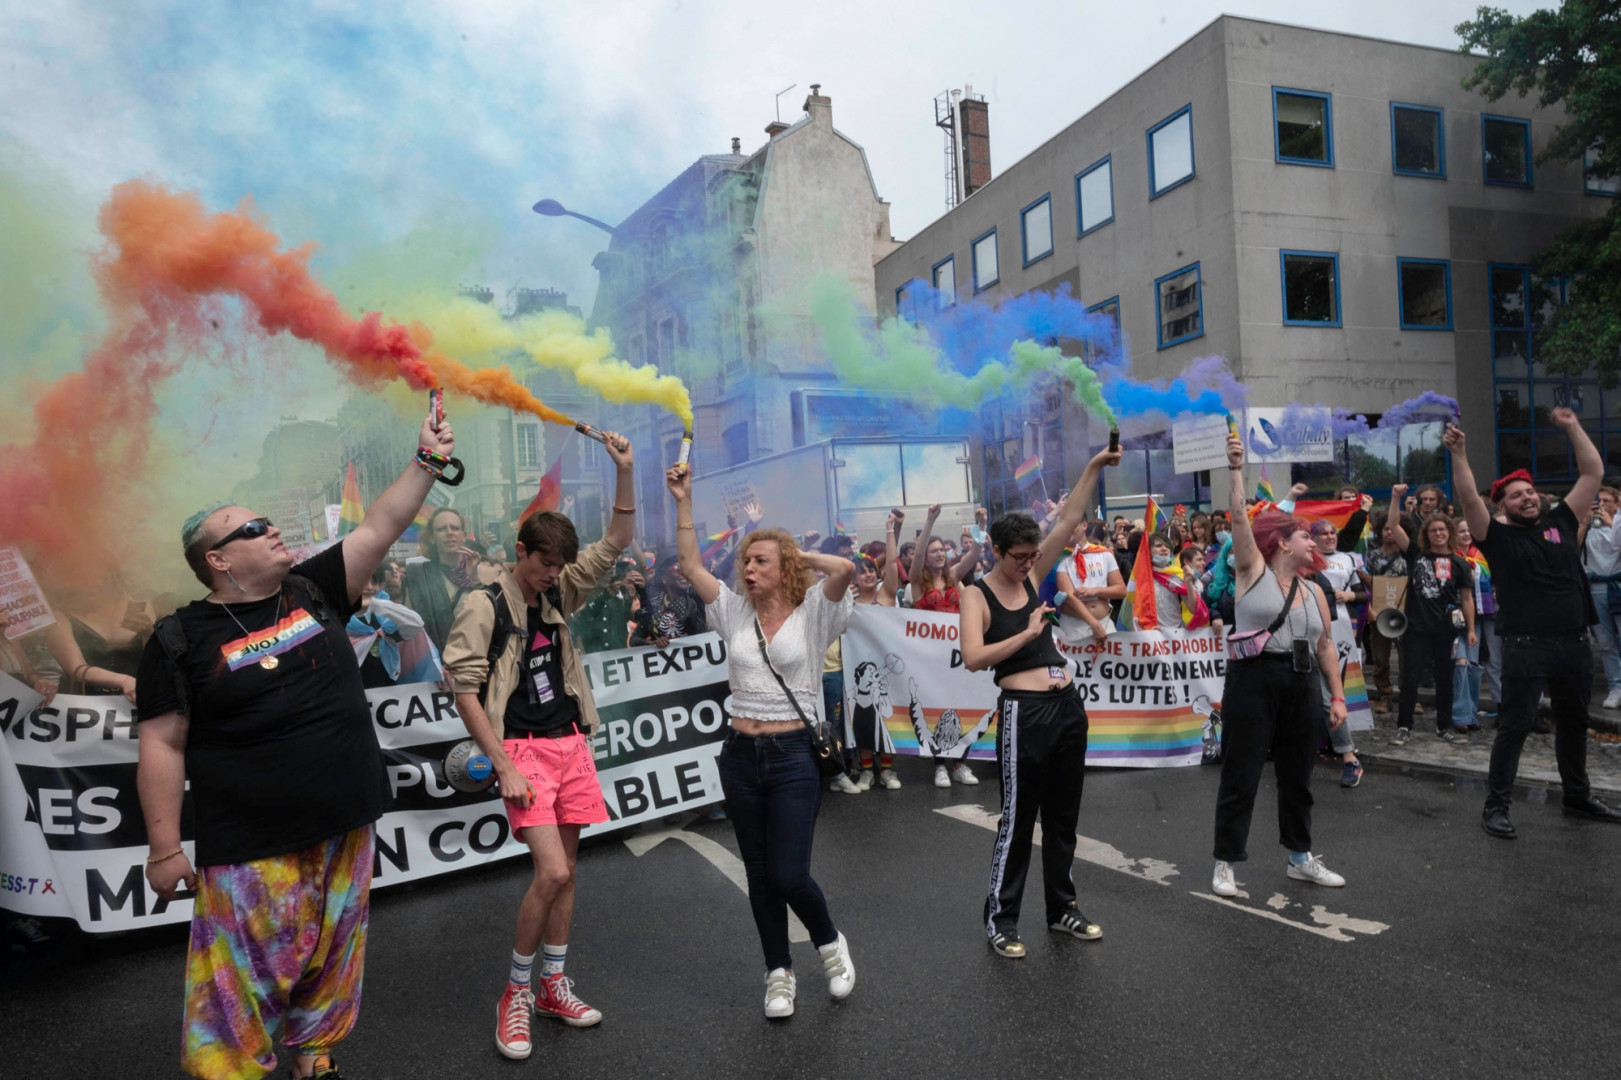 À un an de l'élection présidentielle, les marcheurs demandent notamment l'ouverture de la PMA aux couples de femmes et aux femmes seules.